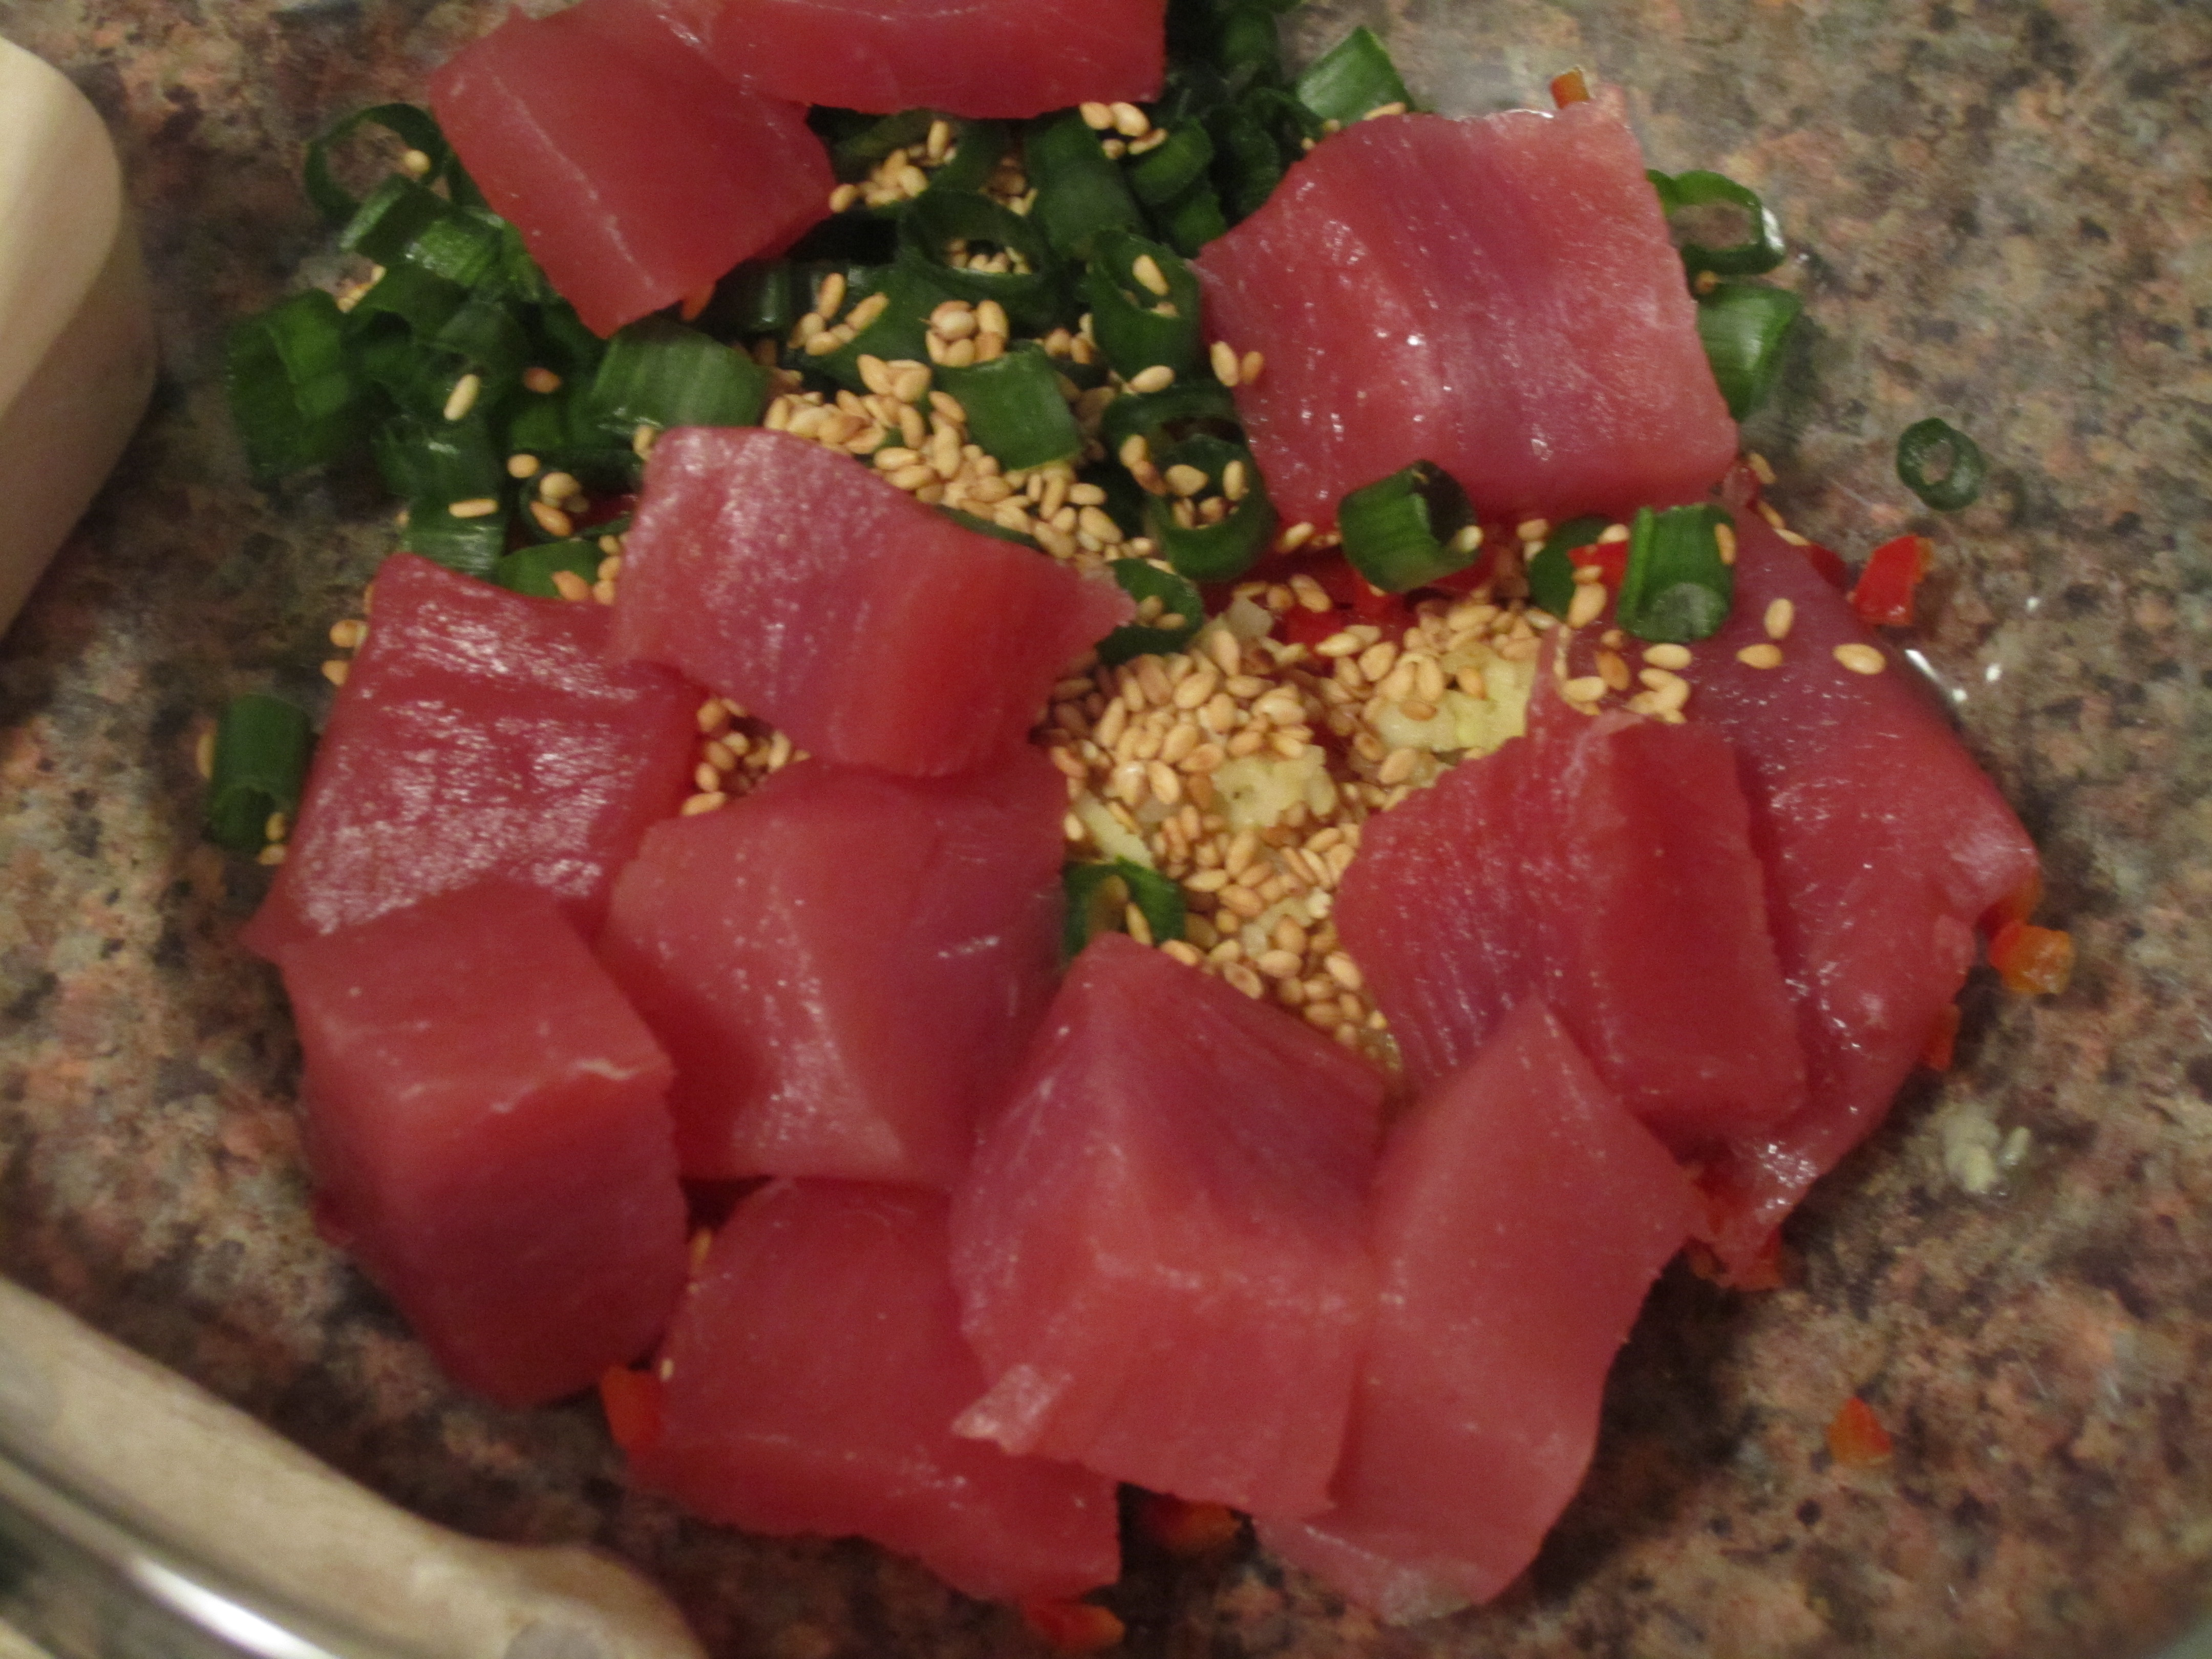 Sushi grade ahi tuna whole foods for Whole foods sushi grade fish